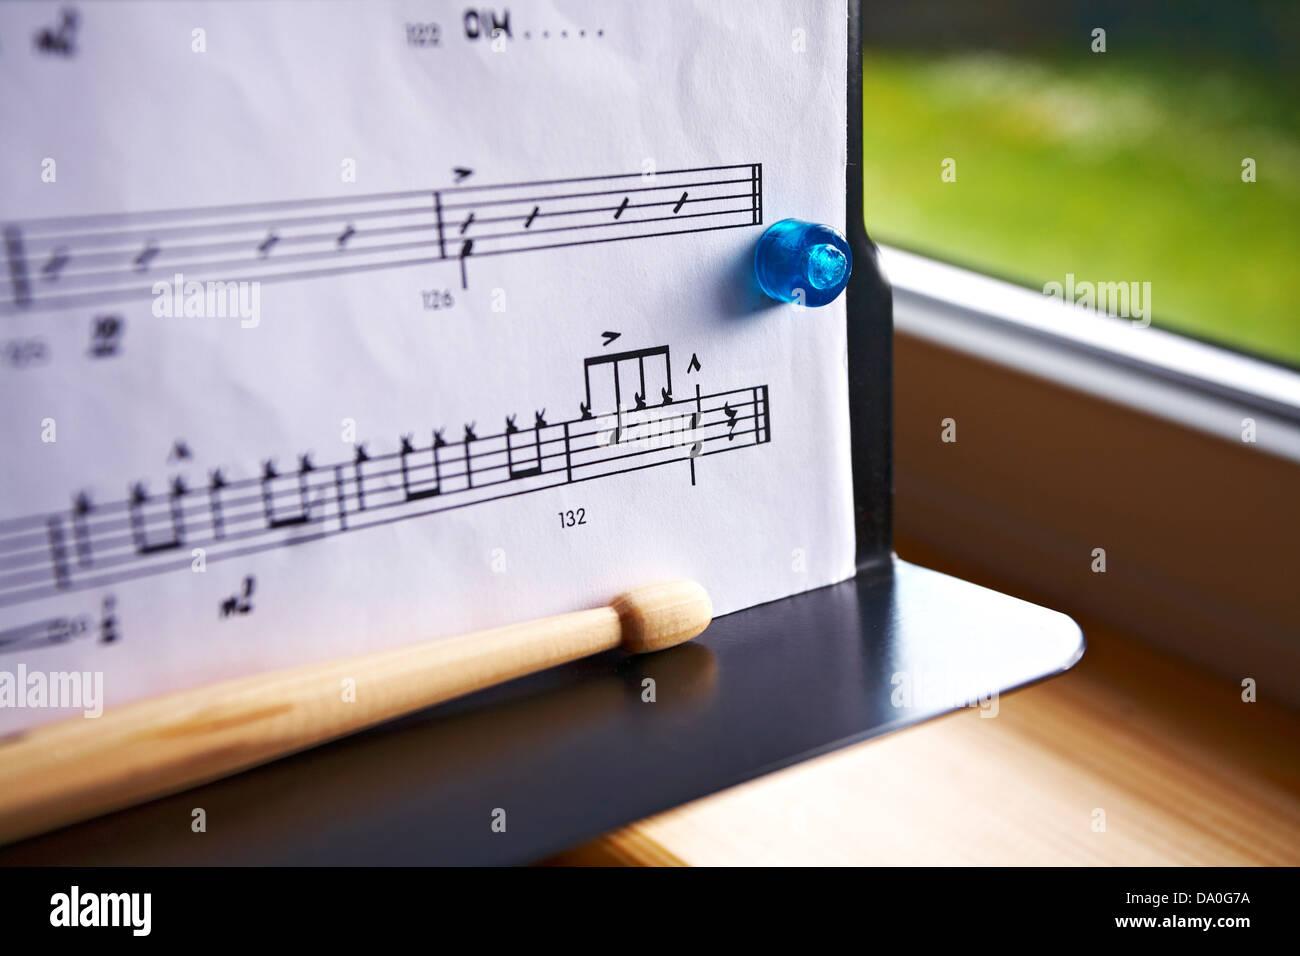 Tamburo musica notazione punteggio mostra gli accenti su music stand. Musica tenuto in posizione con magnete blu. Immagini Stock